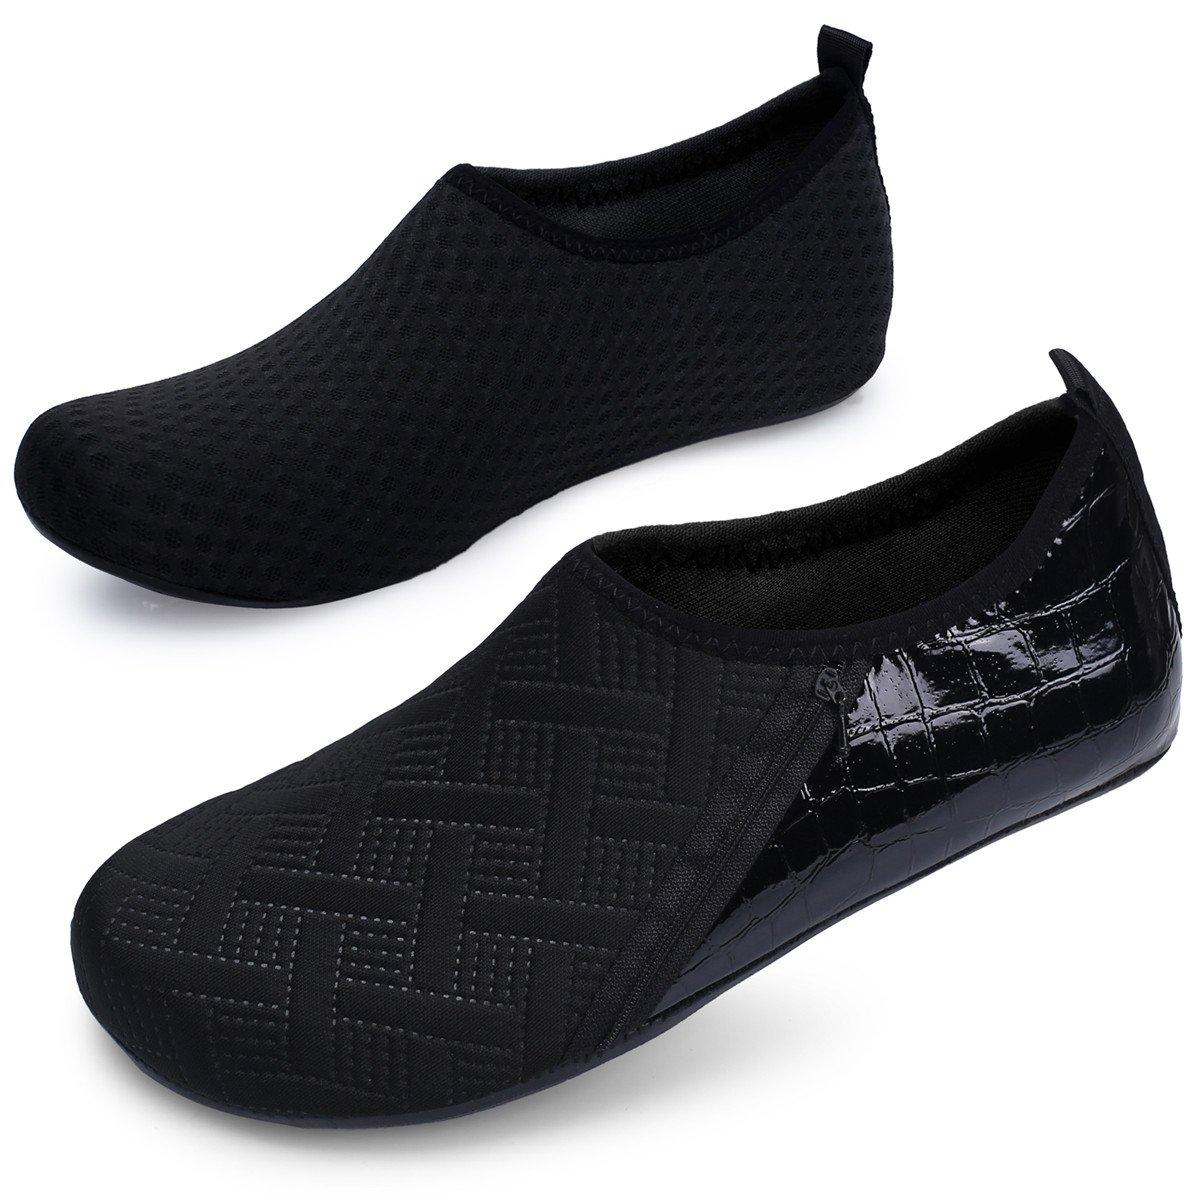 JIASUQI zapatos de agua al aire libre para mujer y para hombre verano  calcetines Aqua para el ejercicio de la playa de la natación de la resaca  de la yoga ... 396bdd5b6ea